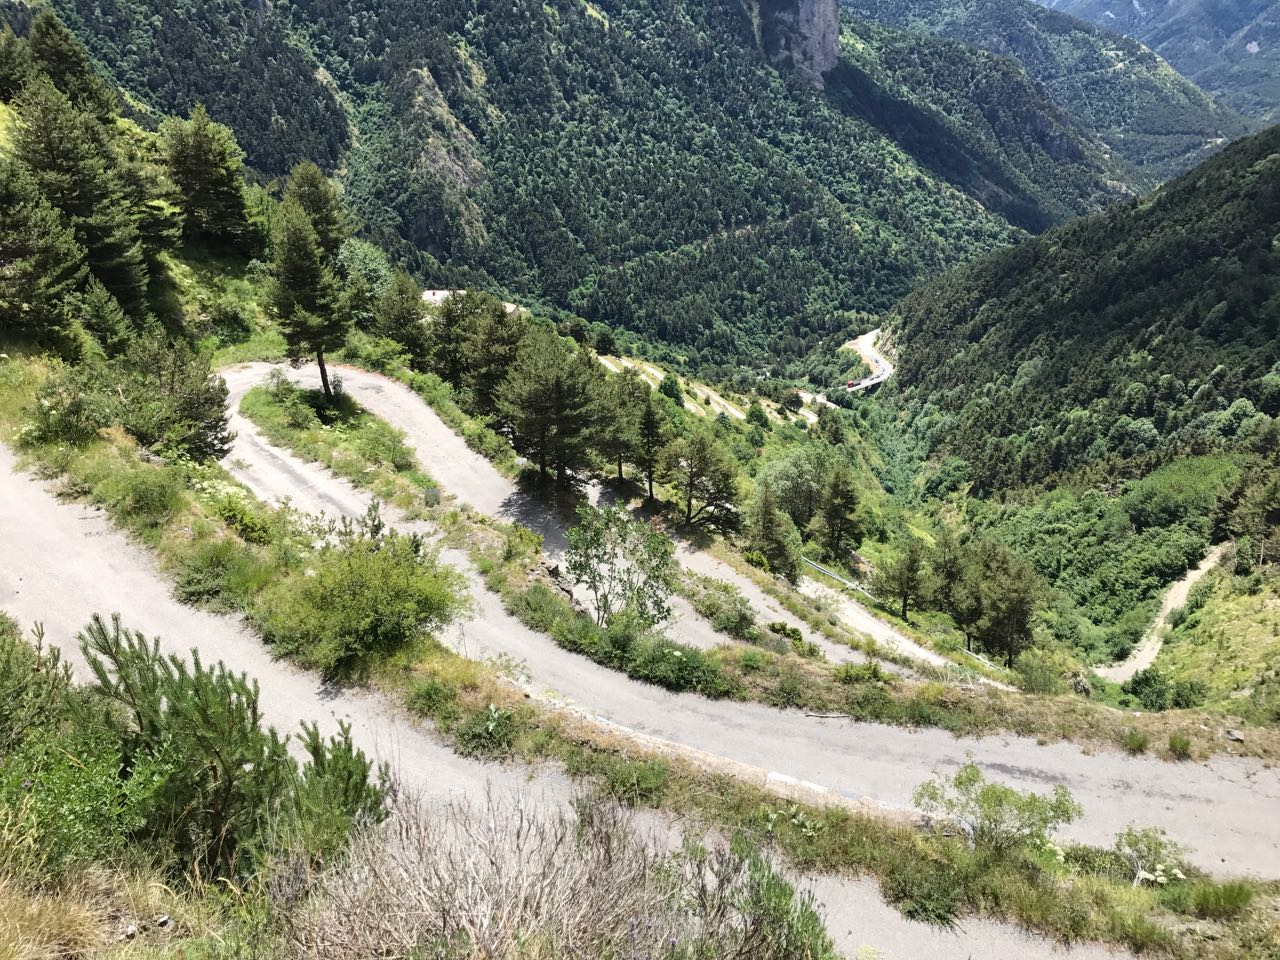 Rennradtour Sanremo - Bolzano: Serpentinentraum Tende